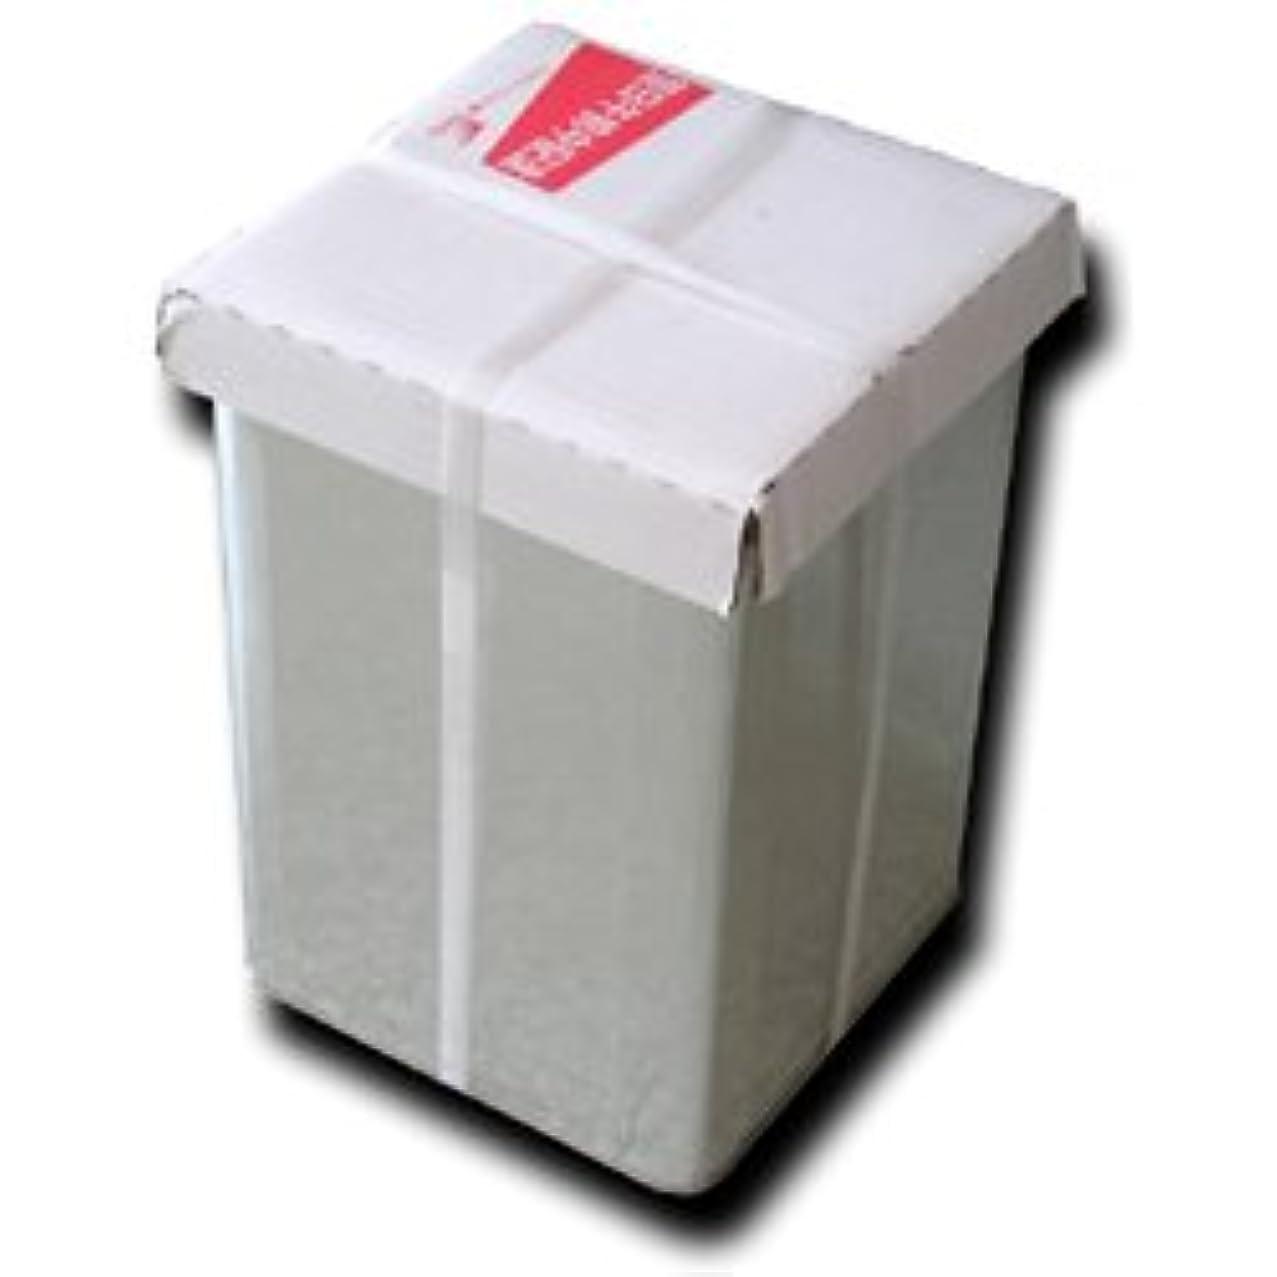 起こりやすいプラス滅多業務用 DHA油 ドコサヘキサエン酸 16kg×1缶 卸用